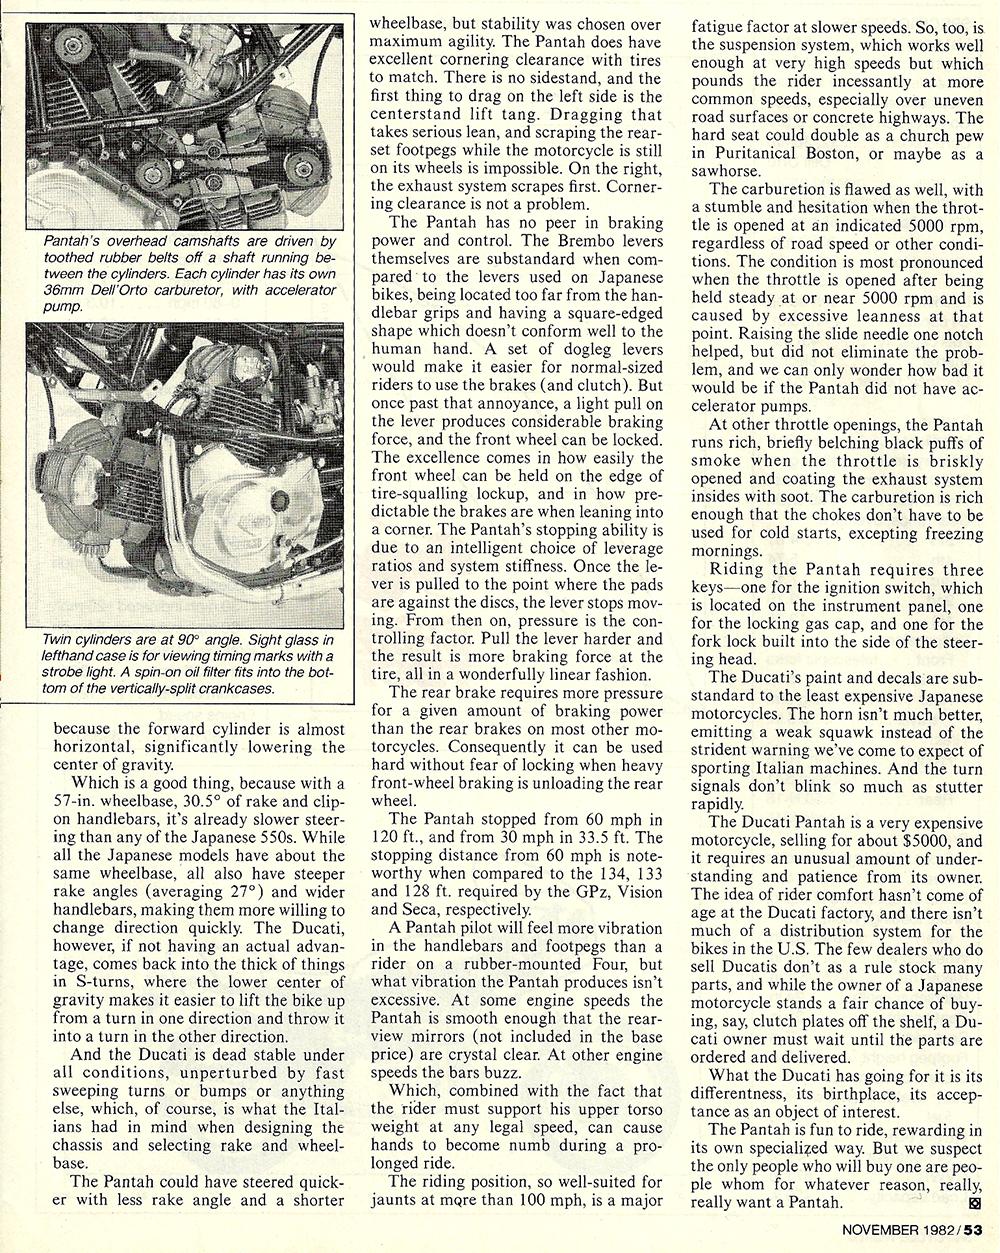 1982 Ducati 600SL Pantah road test 06.jpg